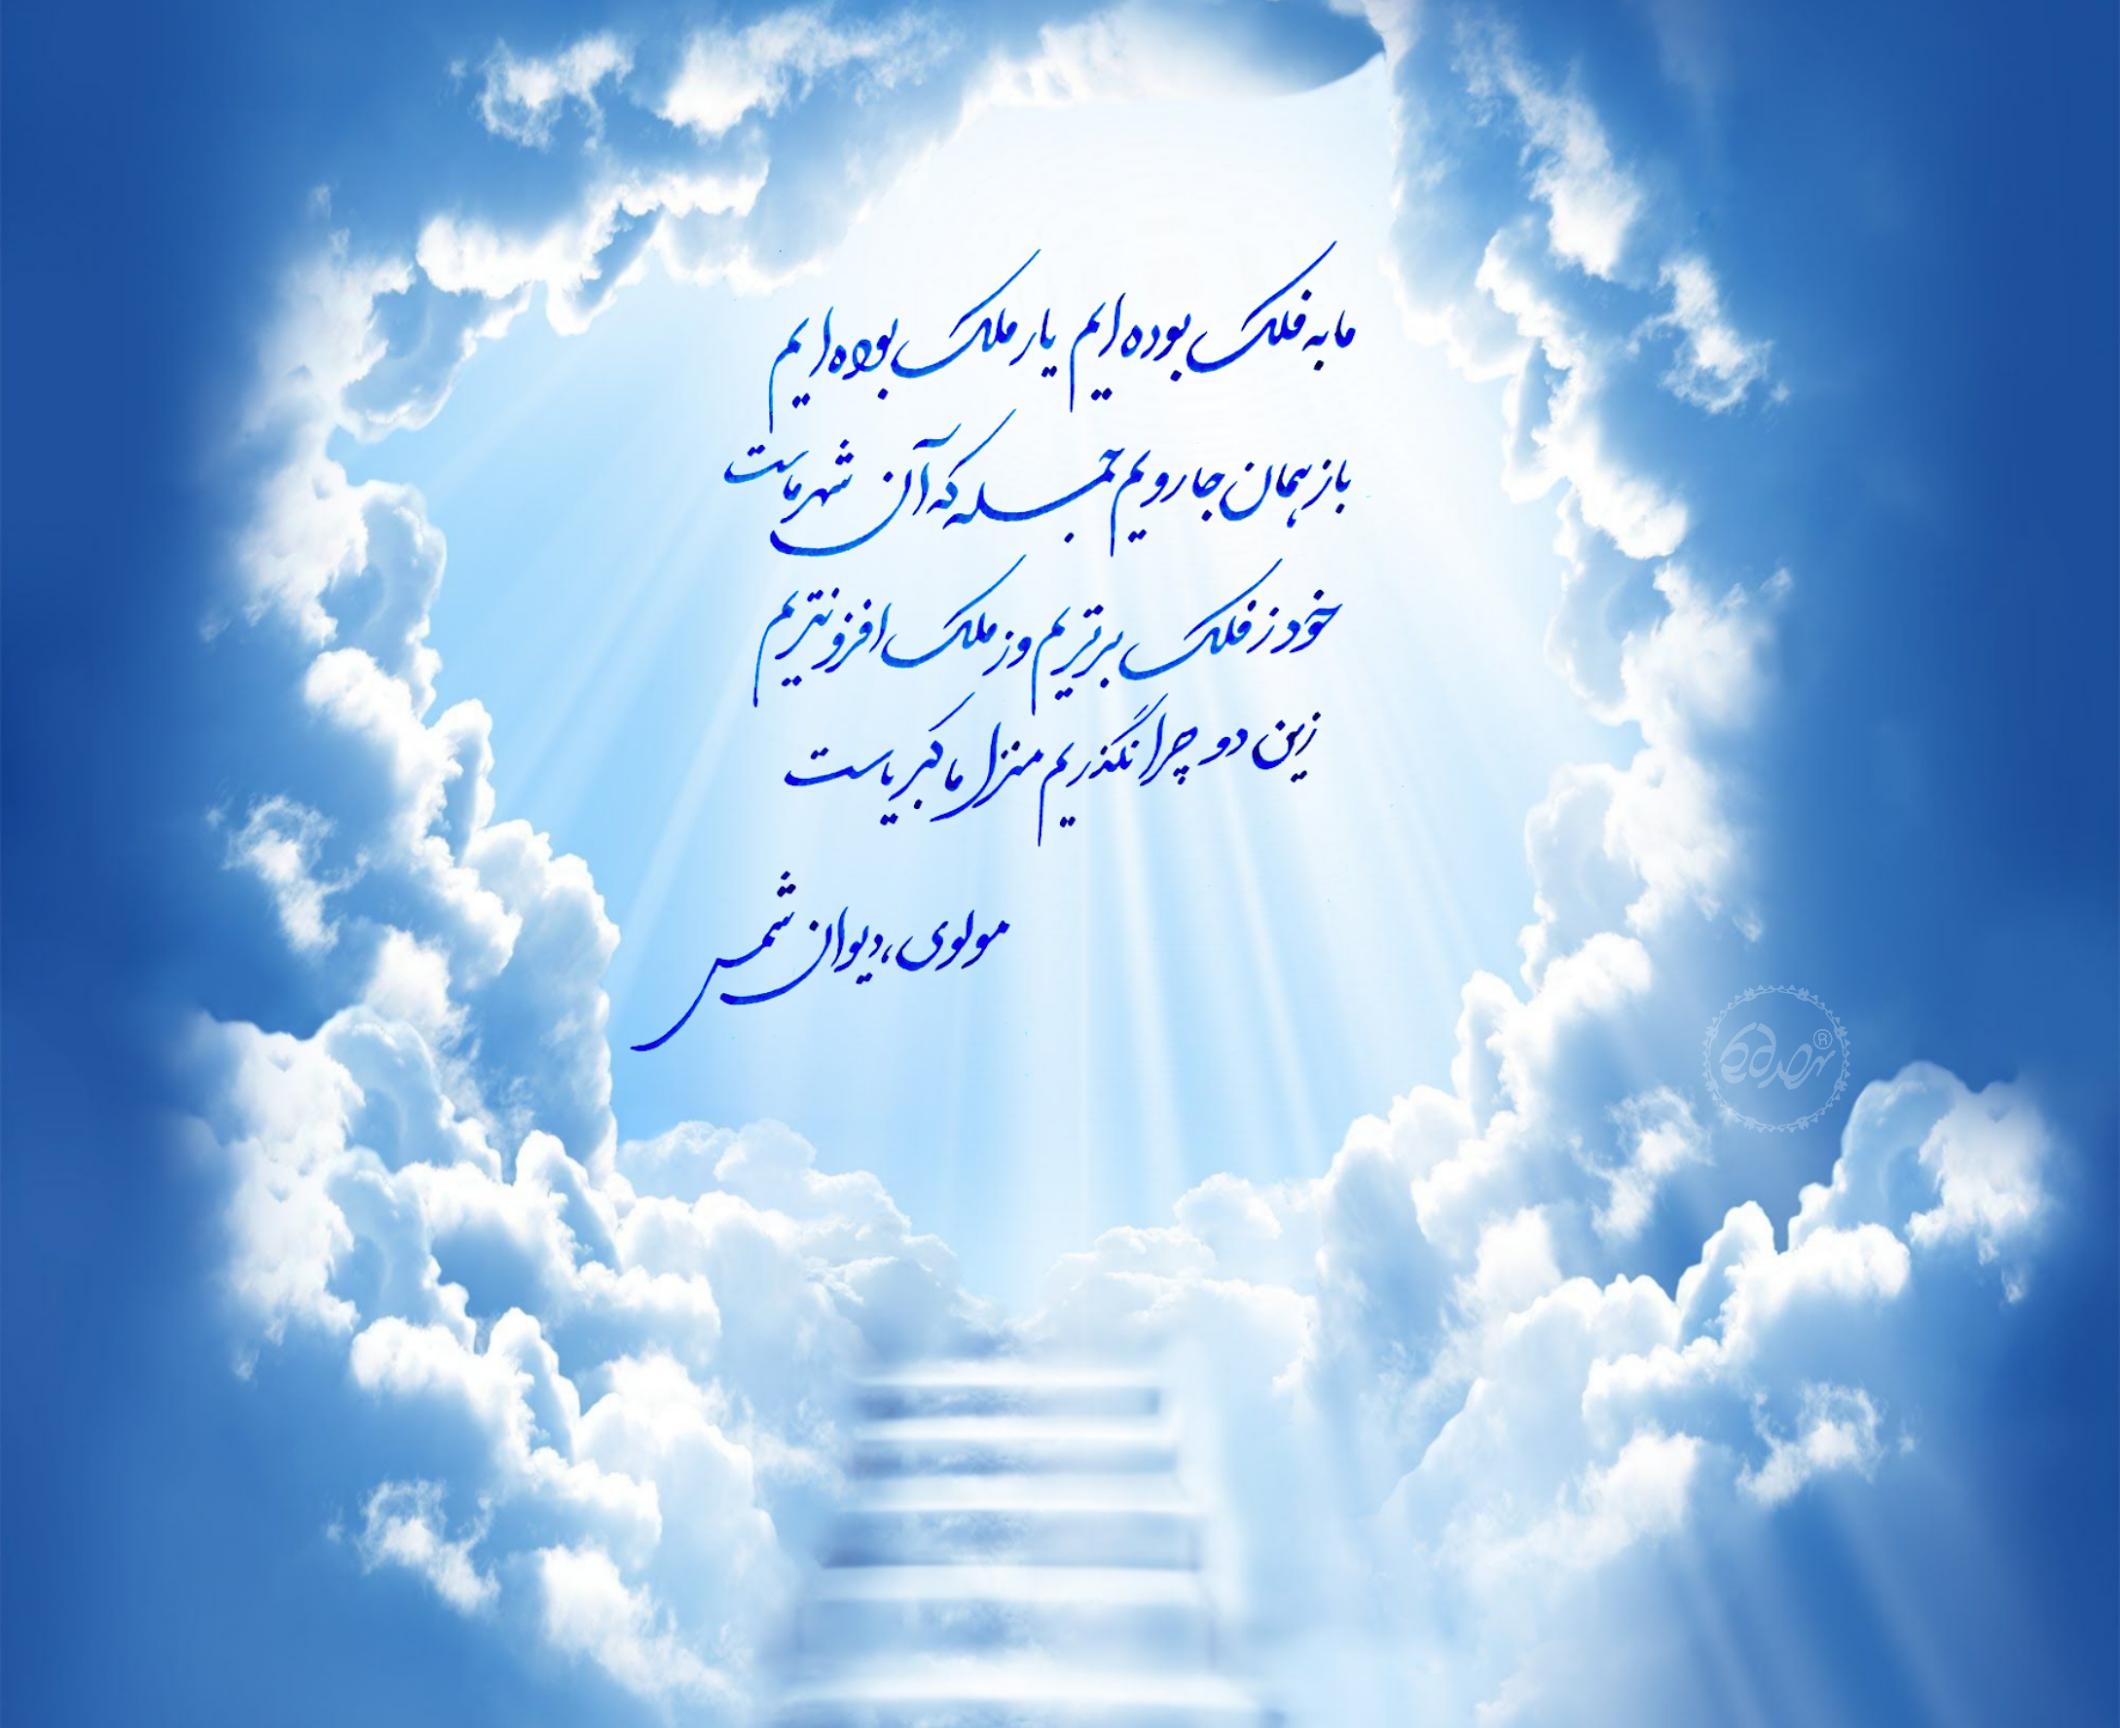 شعر حافظ در مورد خدا Shaer Blog 11